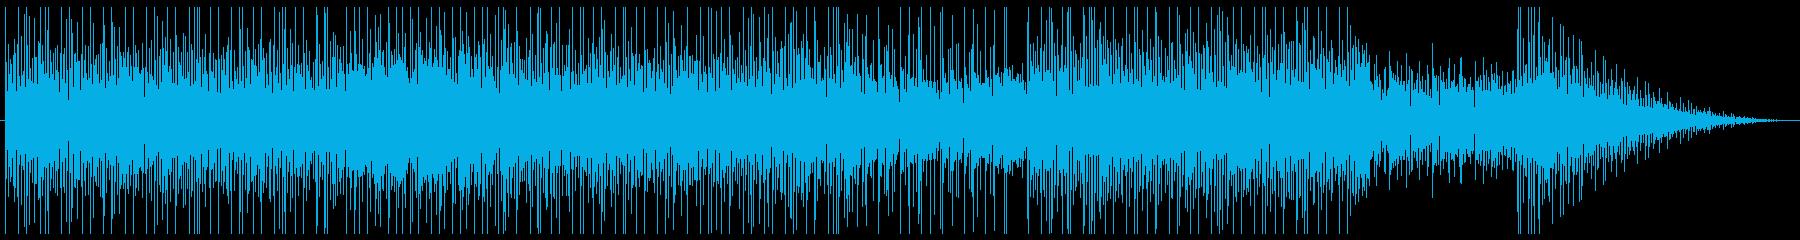 エレピが歌うポップス風イージーリスニングの再生済みの波形